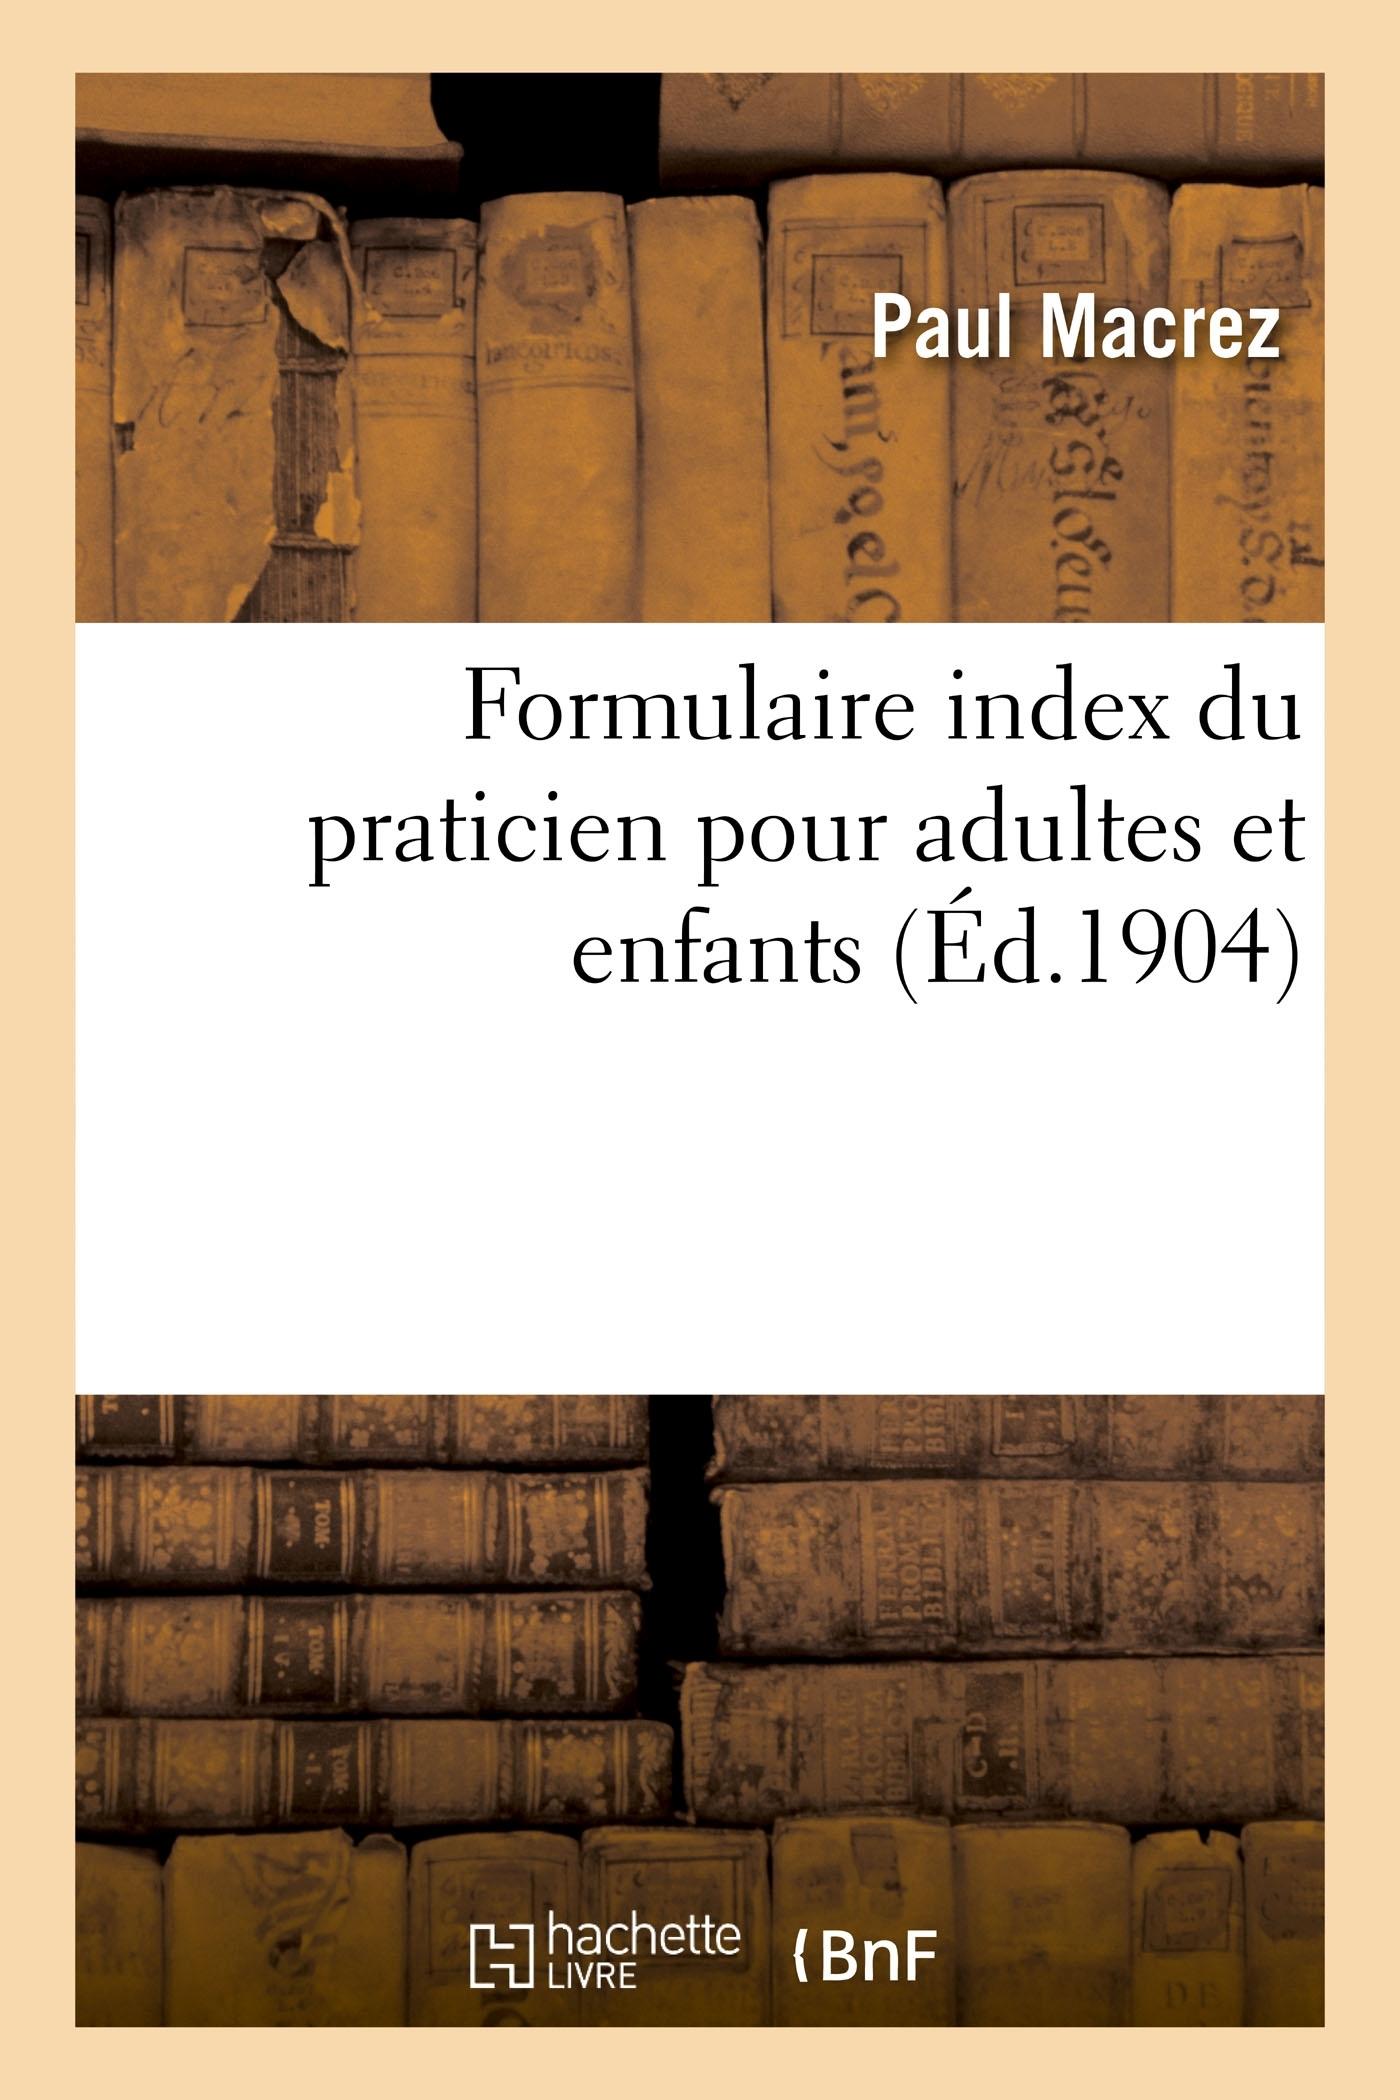 FORMULAIRE INDEX DU PRATICIEN POUR ADULTES ET ENFANTS